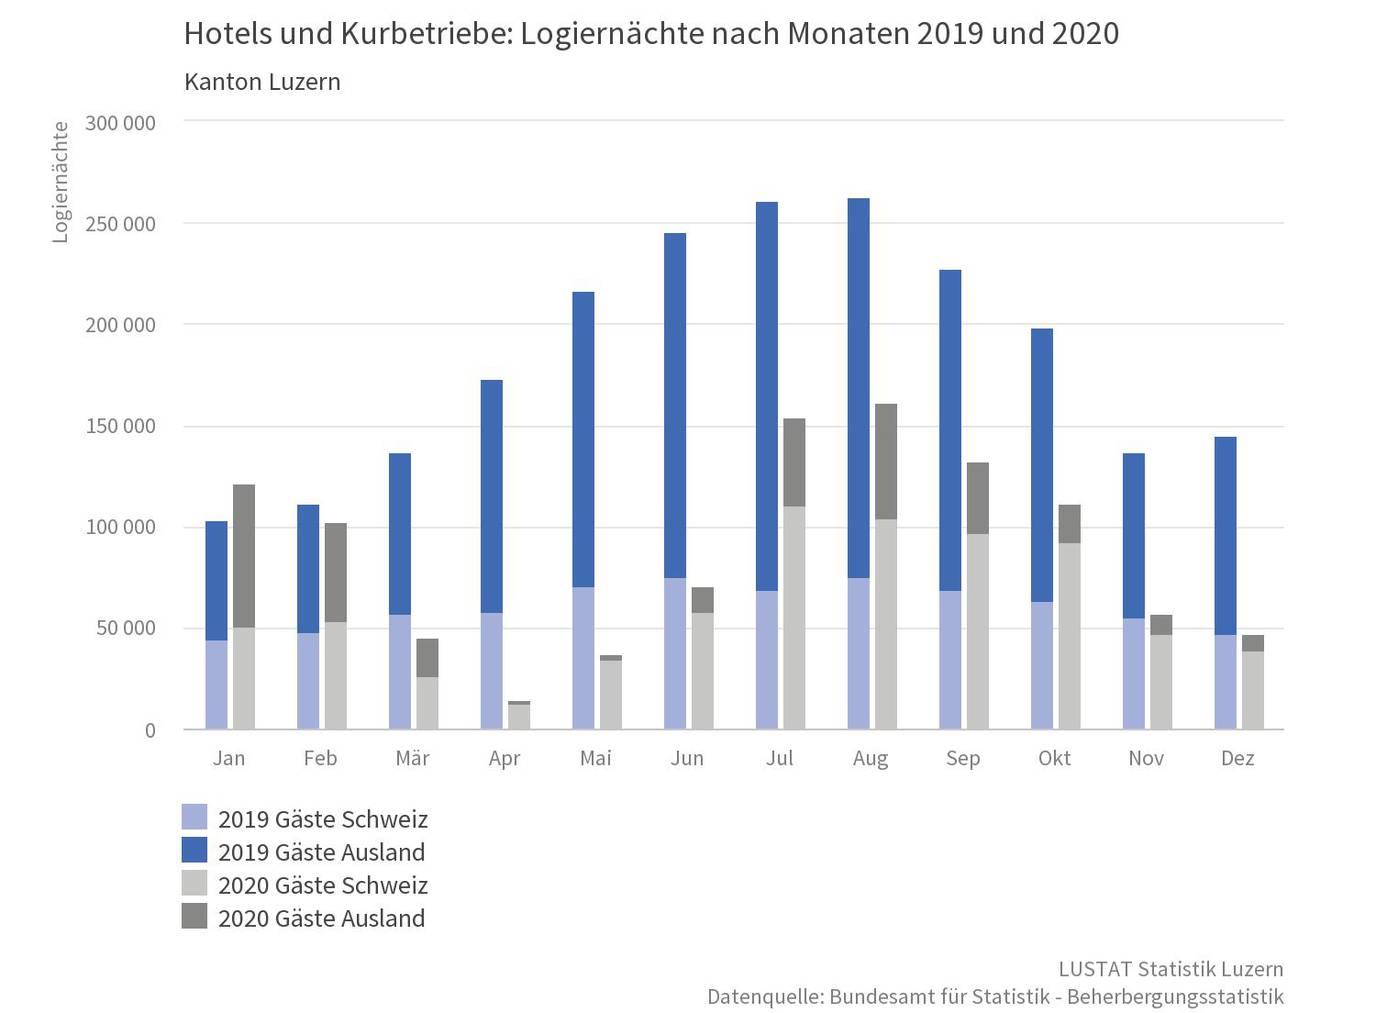 Hotels und Kurbetriebe: Logiernächte nach Monaten 2019 und 2020